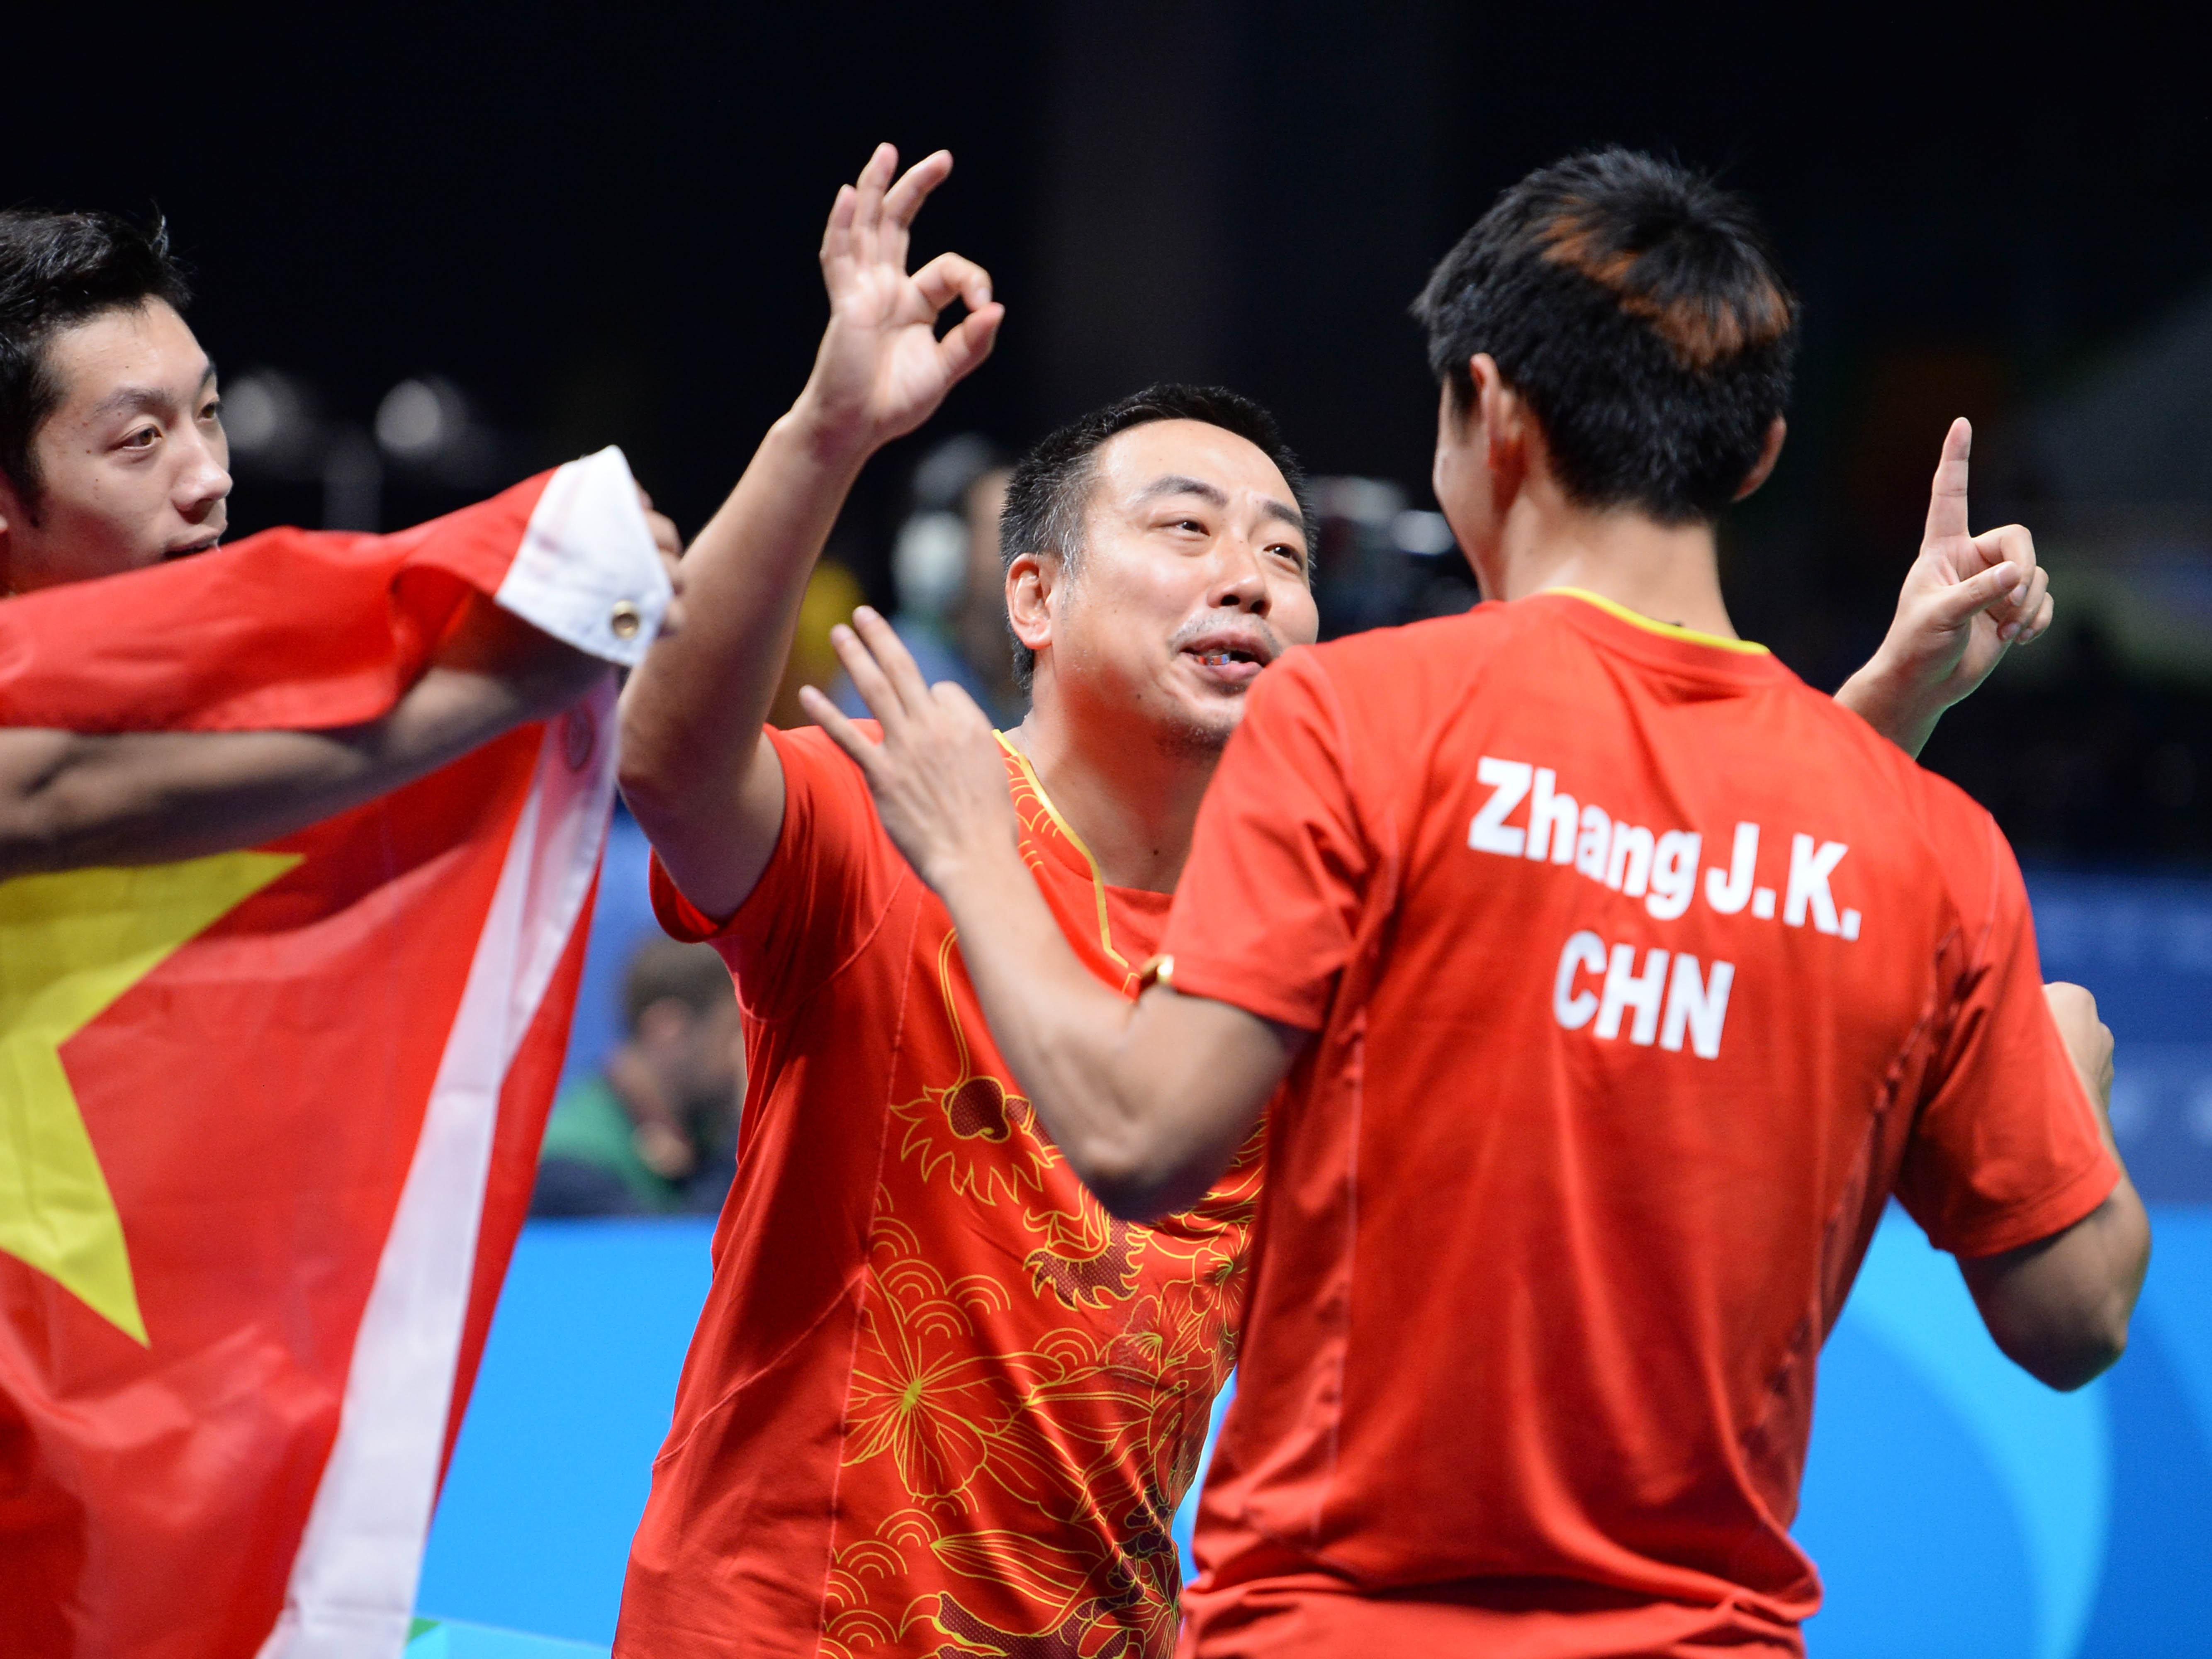 China's men's coach Liu Guoliang (central) celebrates with team members Zhang Jike and Xu Xin (Photo: Konno Noboru)